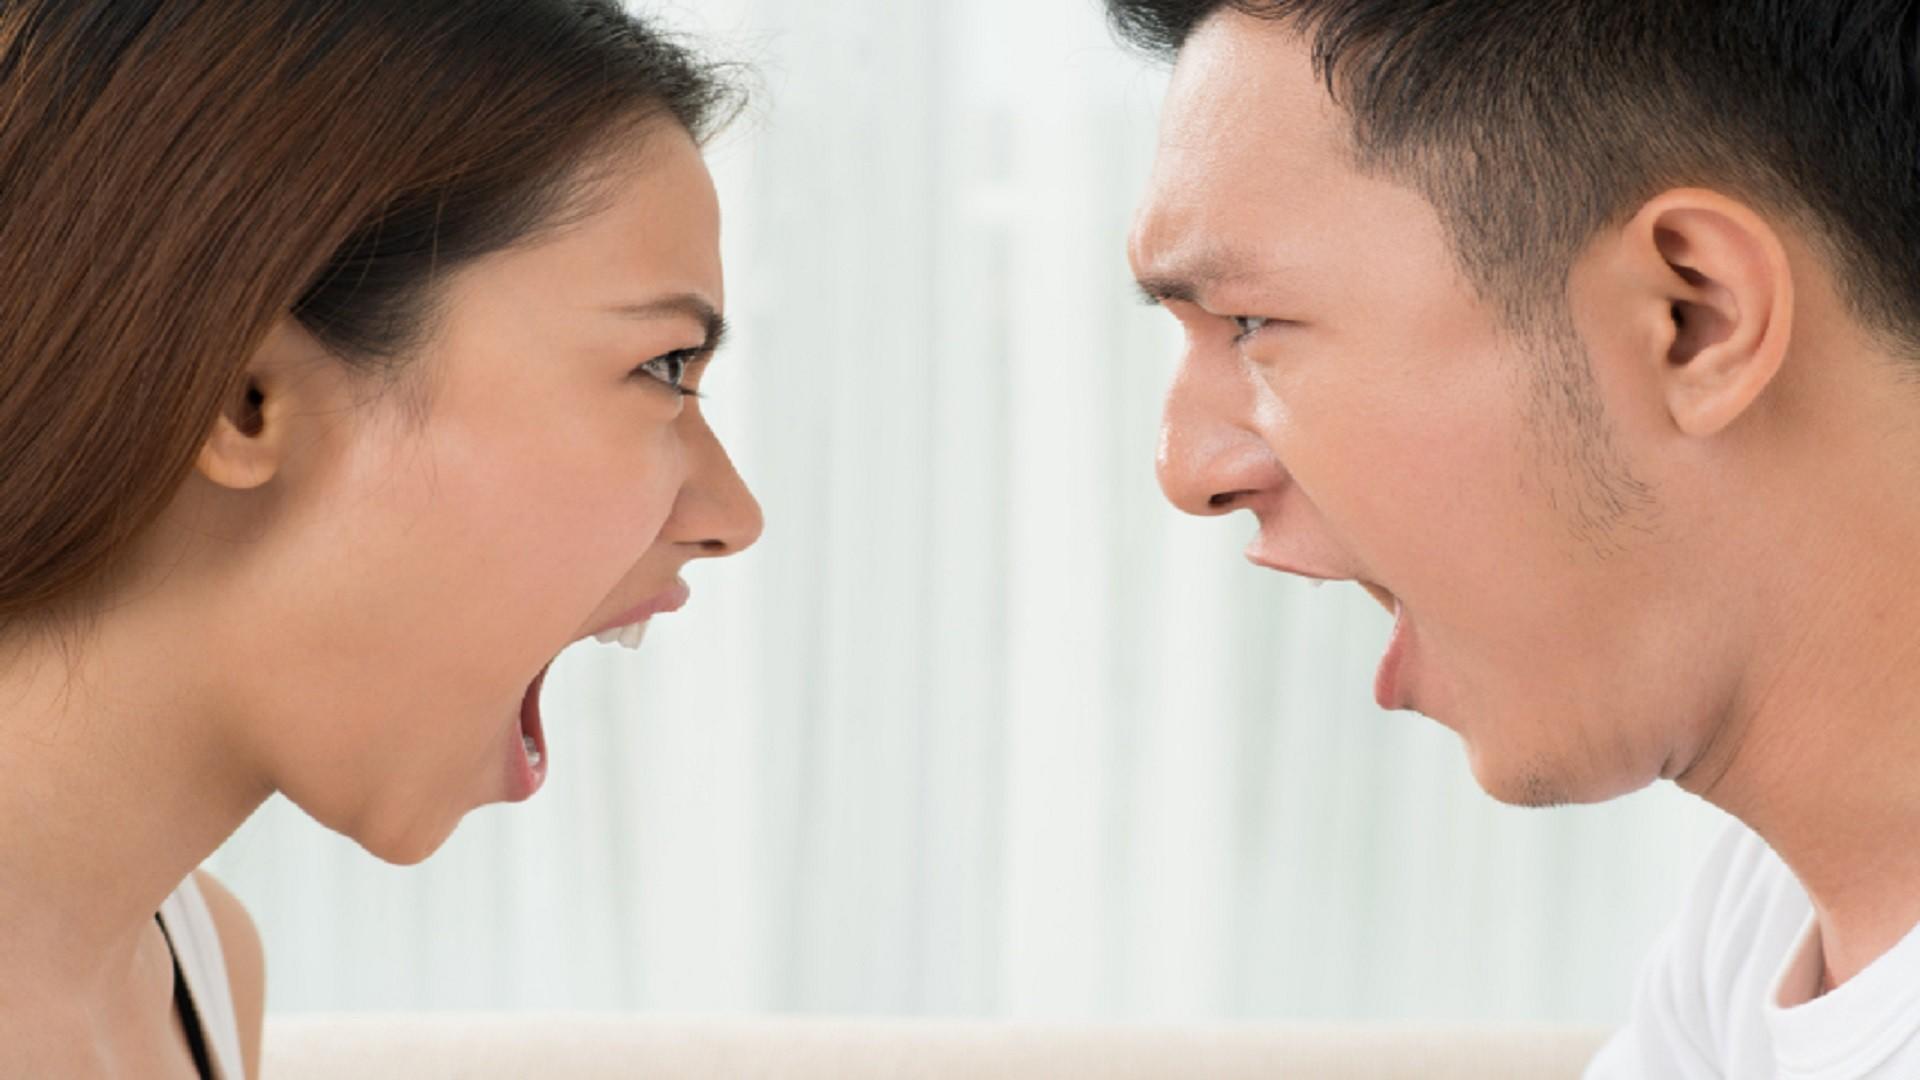 3 valkuilen anger management woedebeheersing